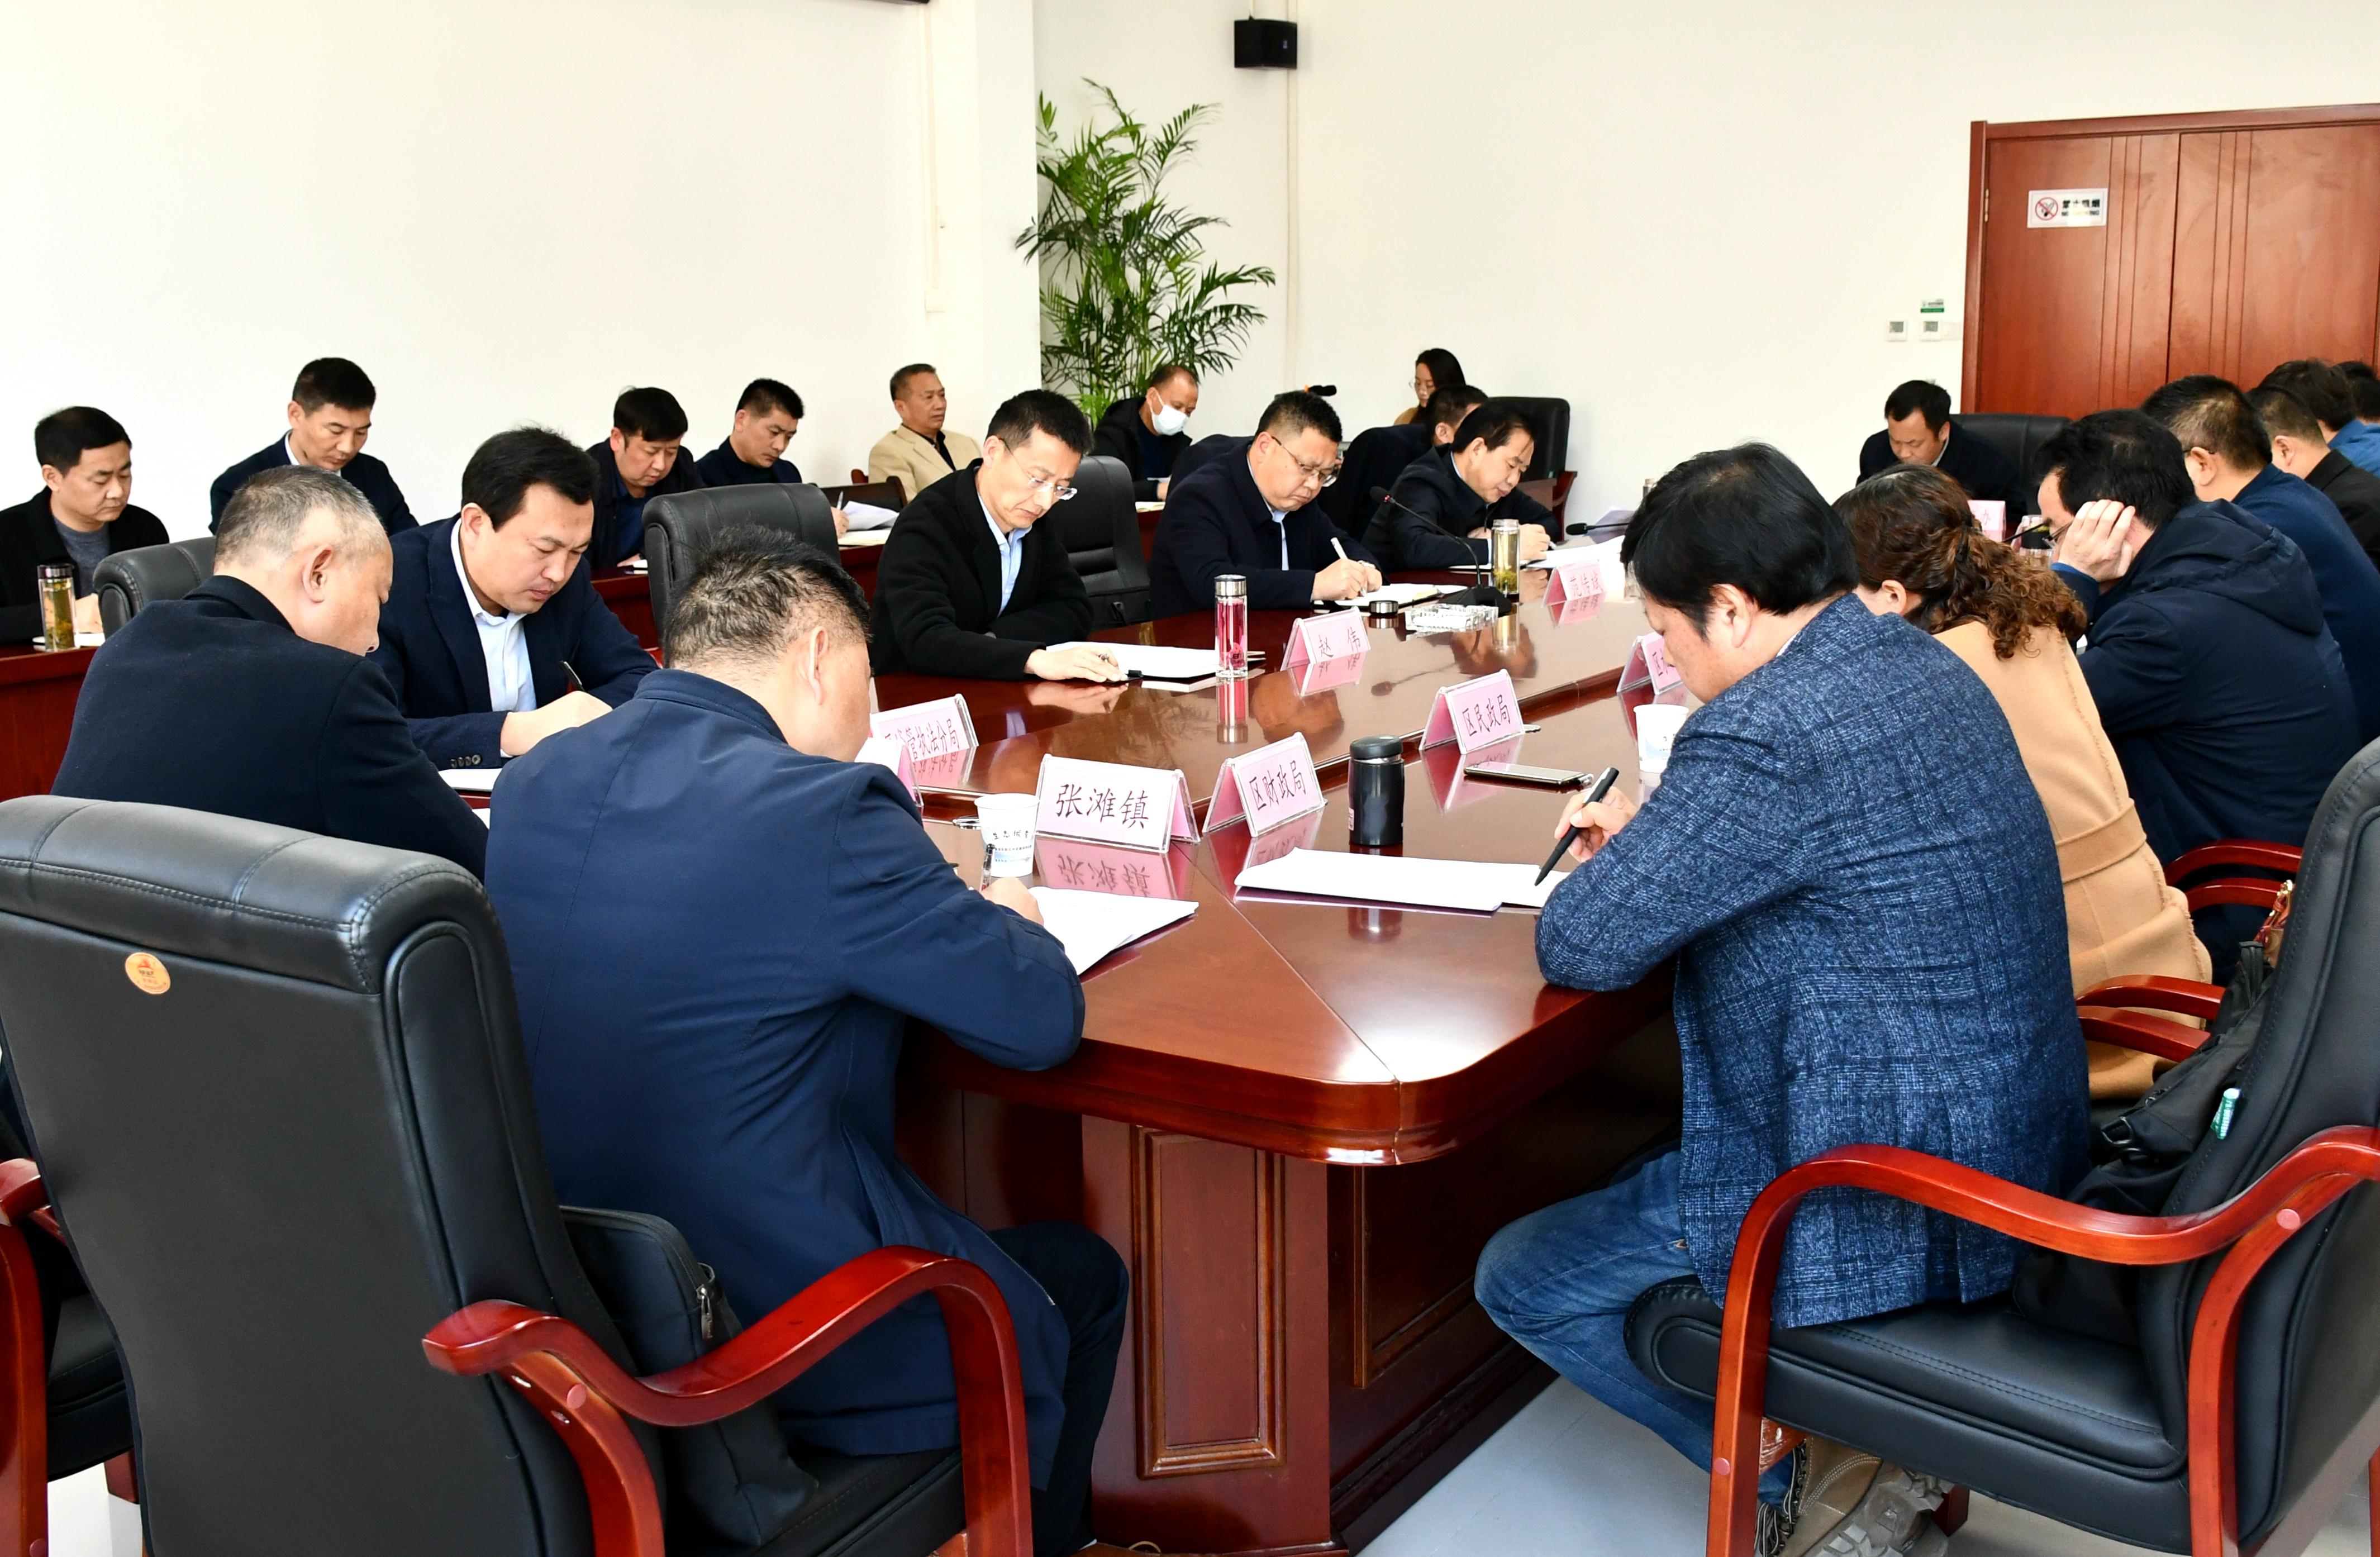 范传斌在城东新区调研时强调:紧盯目标、大干快上,全力推动城东新区开发建设提速